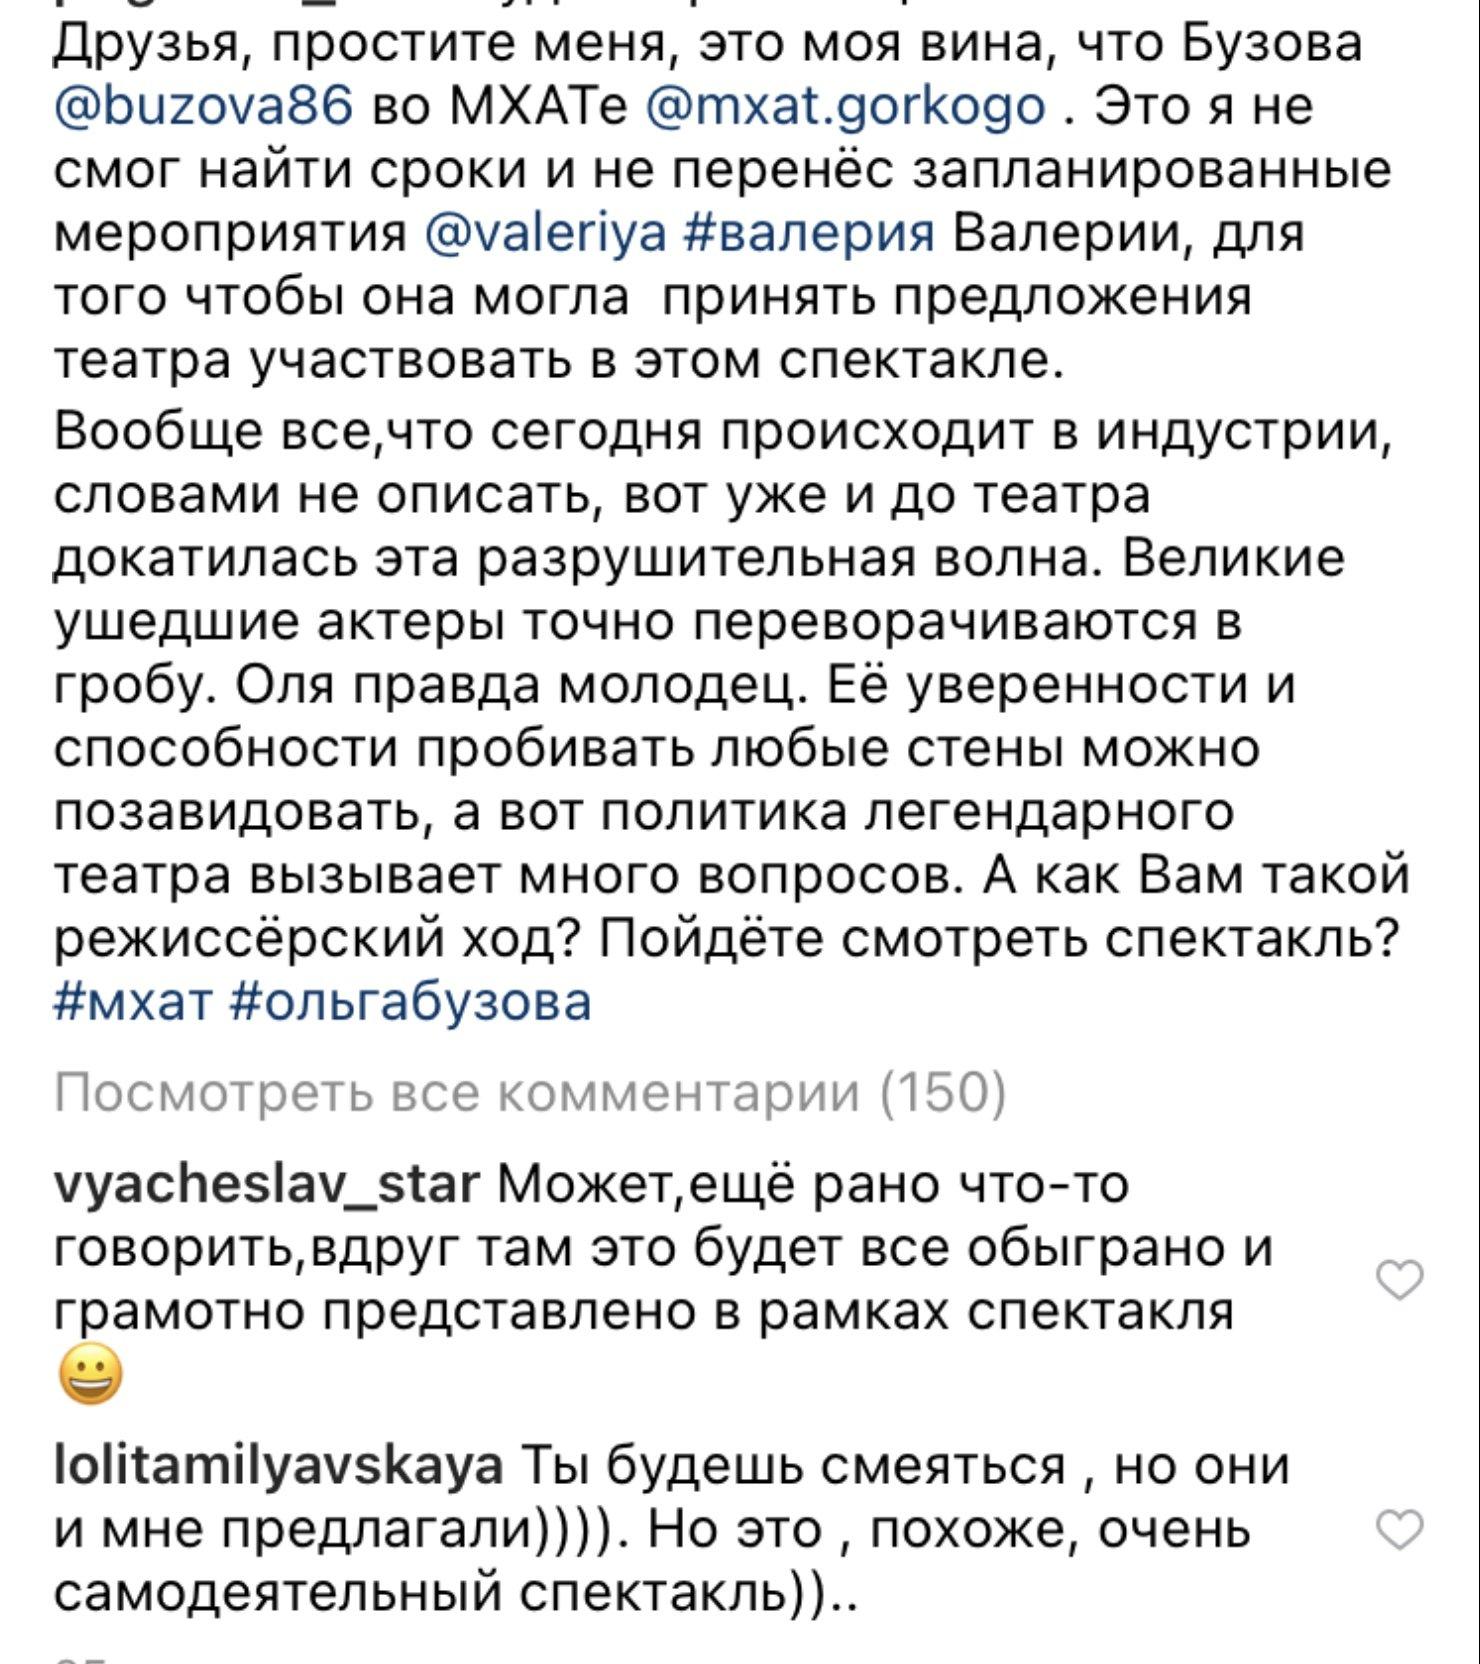 «Это моя вина!»: Почему Иосиф Пригожин заявил, что сыграл роль в успехе Ольги Бузовой